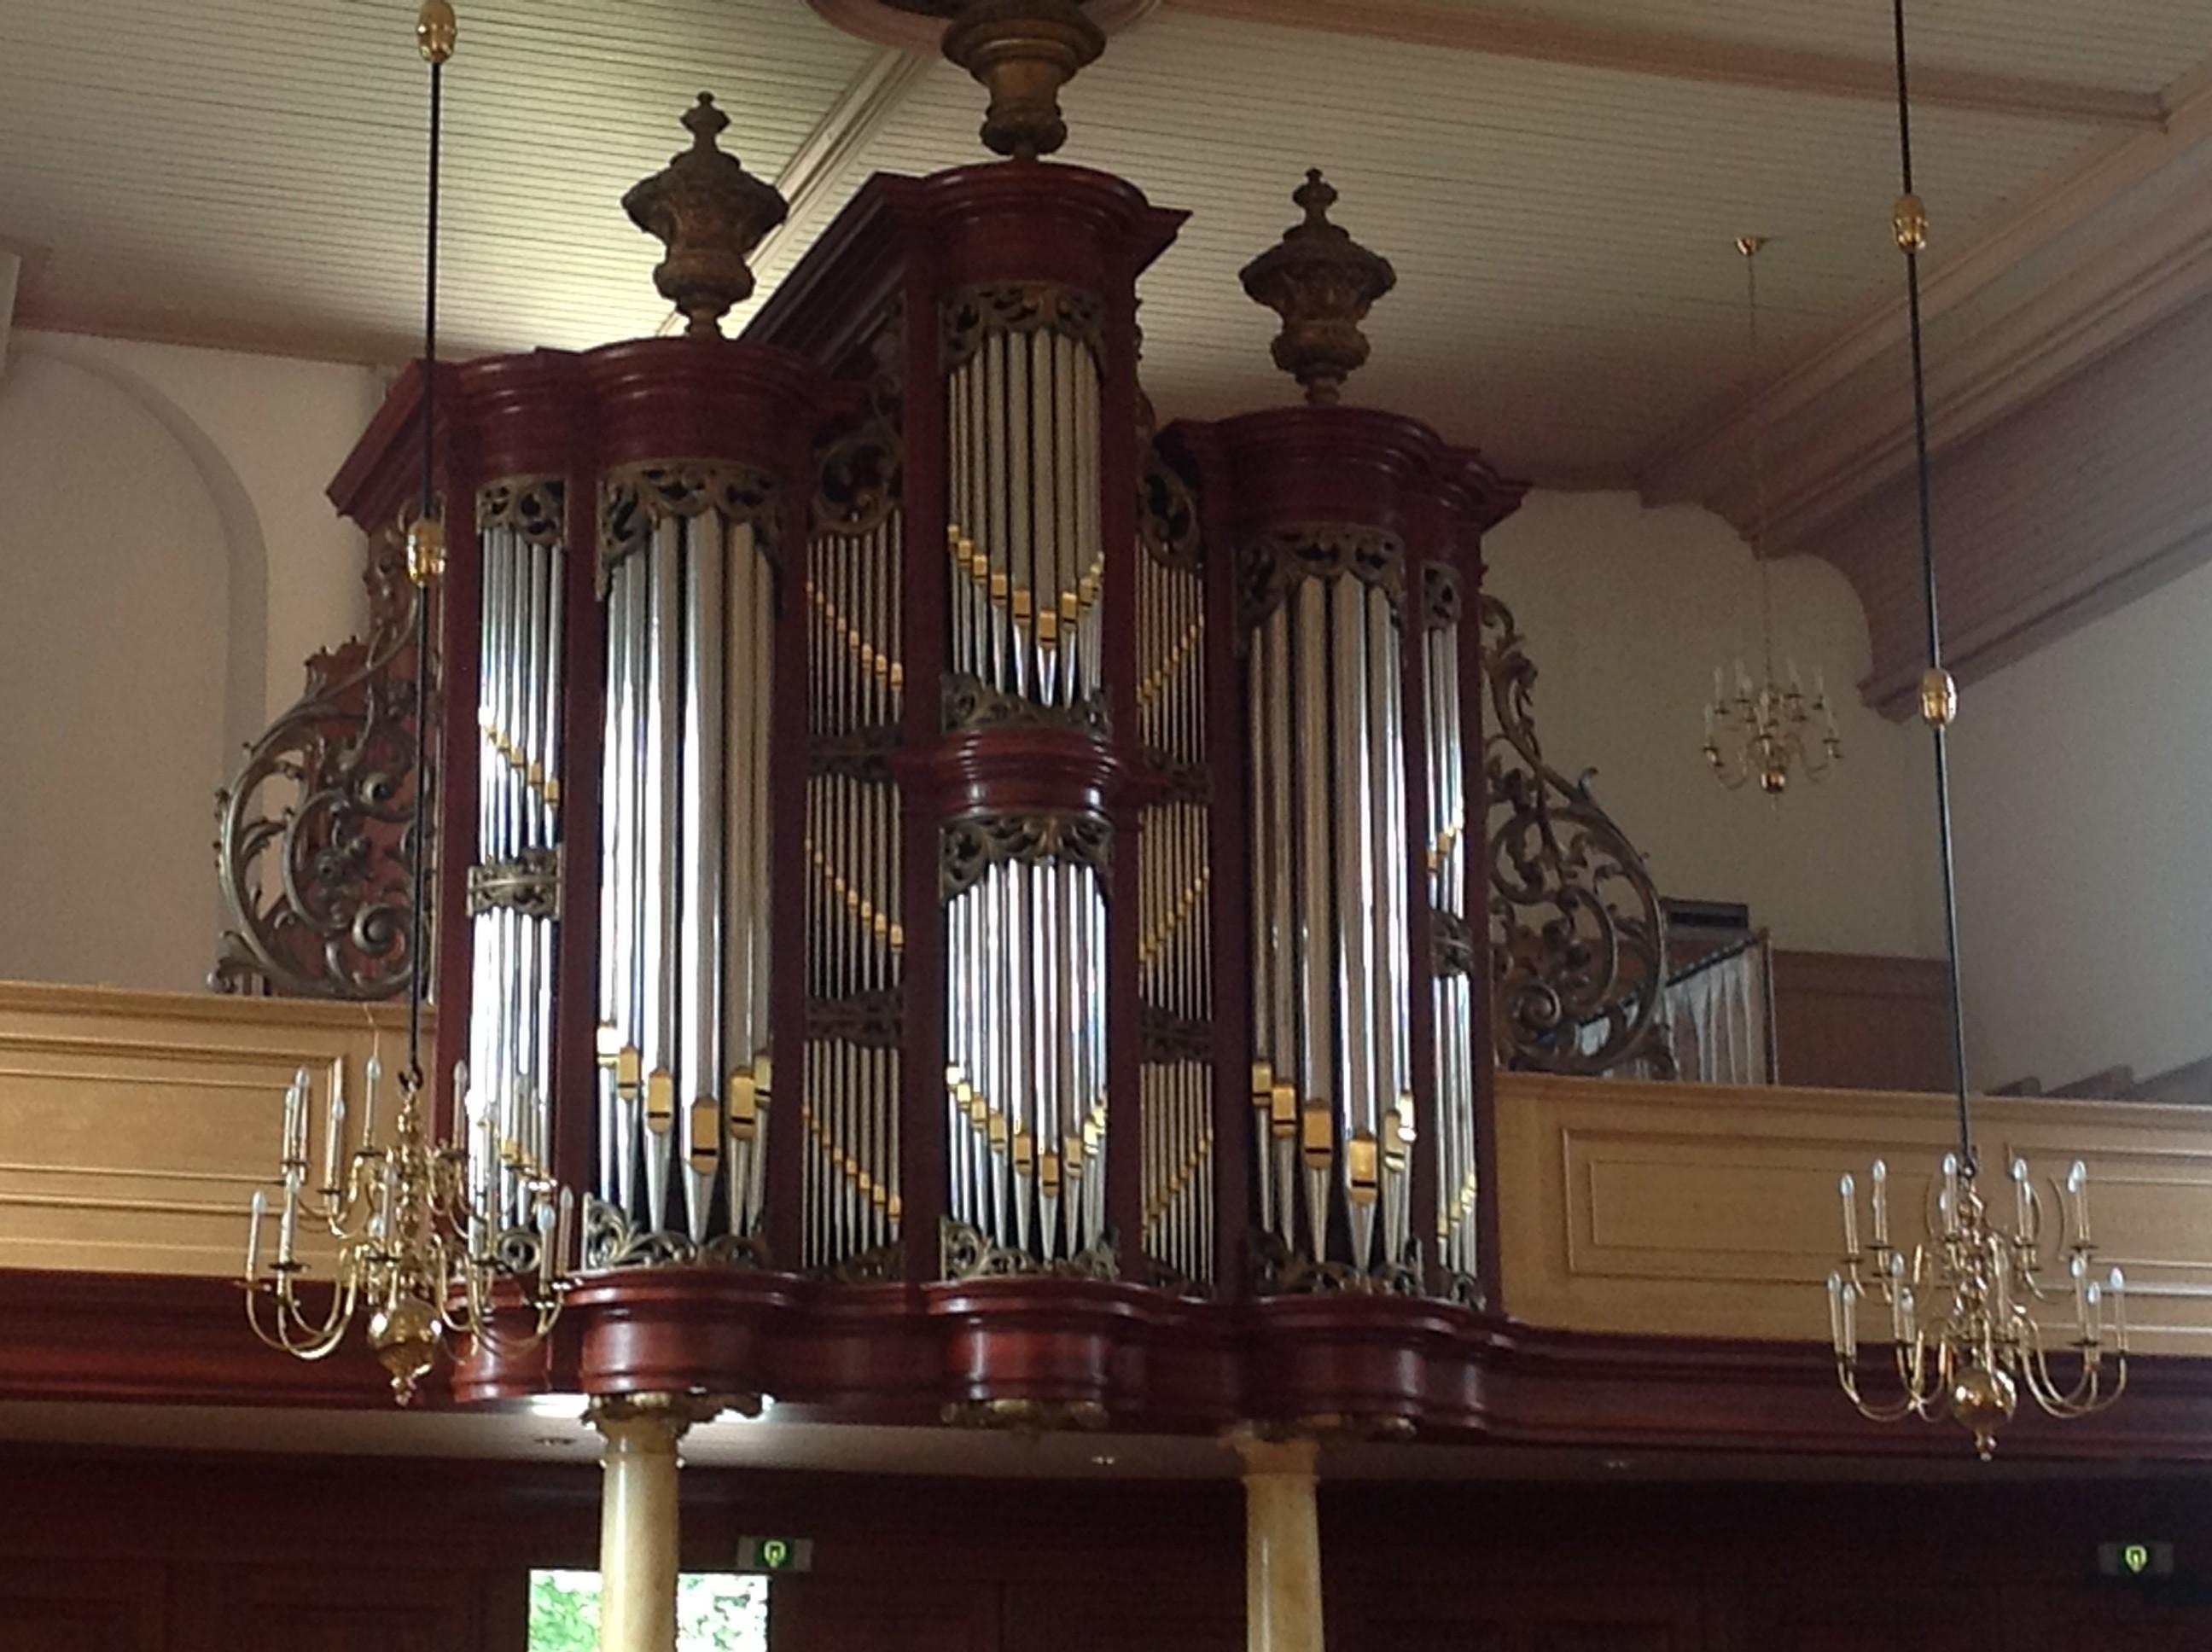 Van Loo in Dedemsvaart. Ab en ik zijn beide organist in deze Hervormde kerk